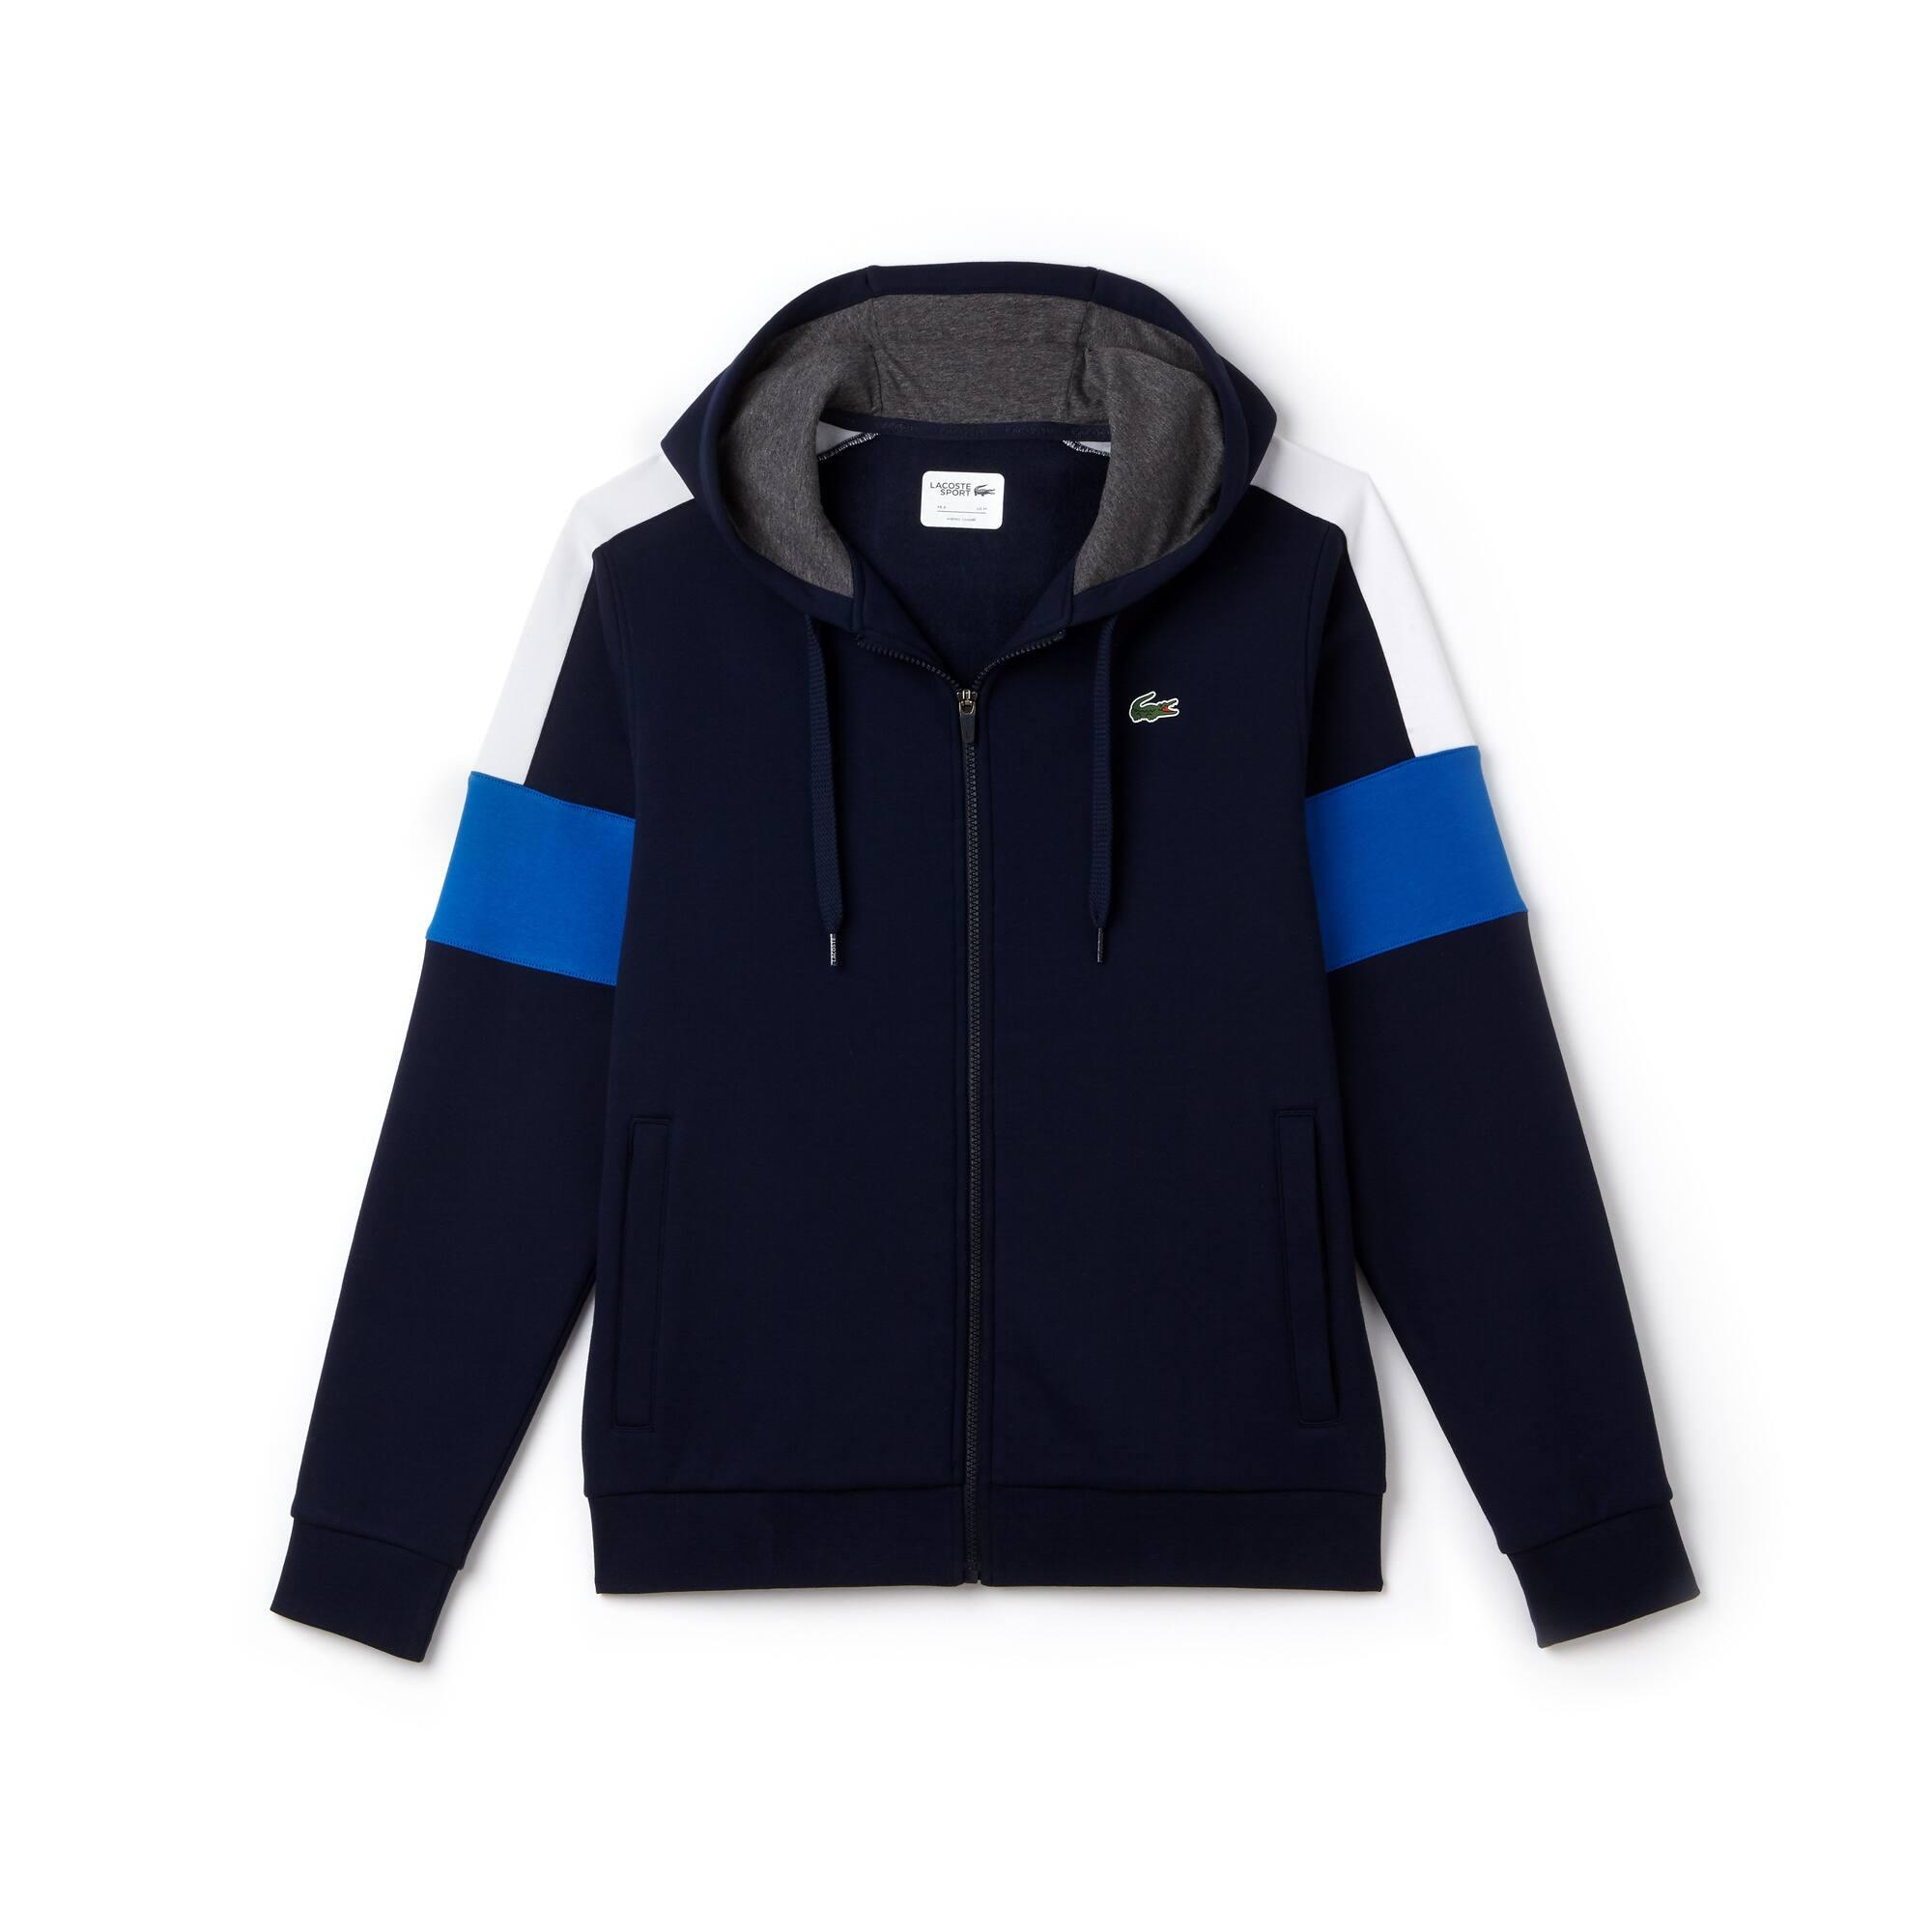 Lacoste SPORT Tennis-sweatshirt heren fleece met rits en colorblock